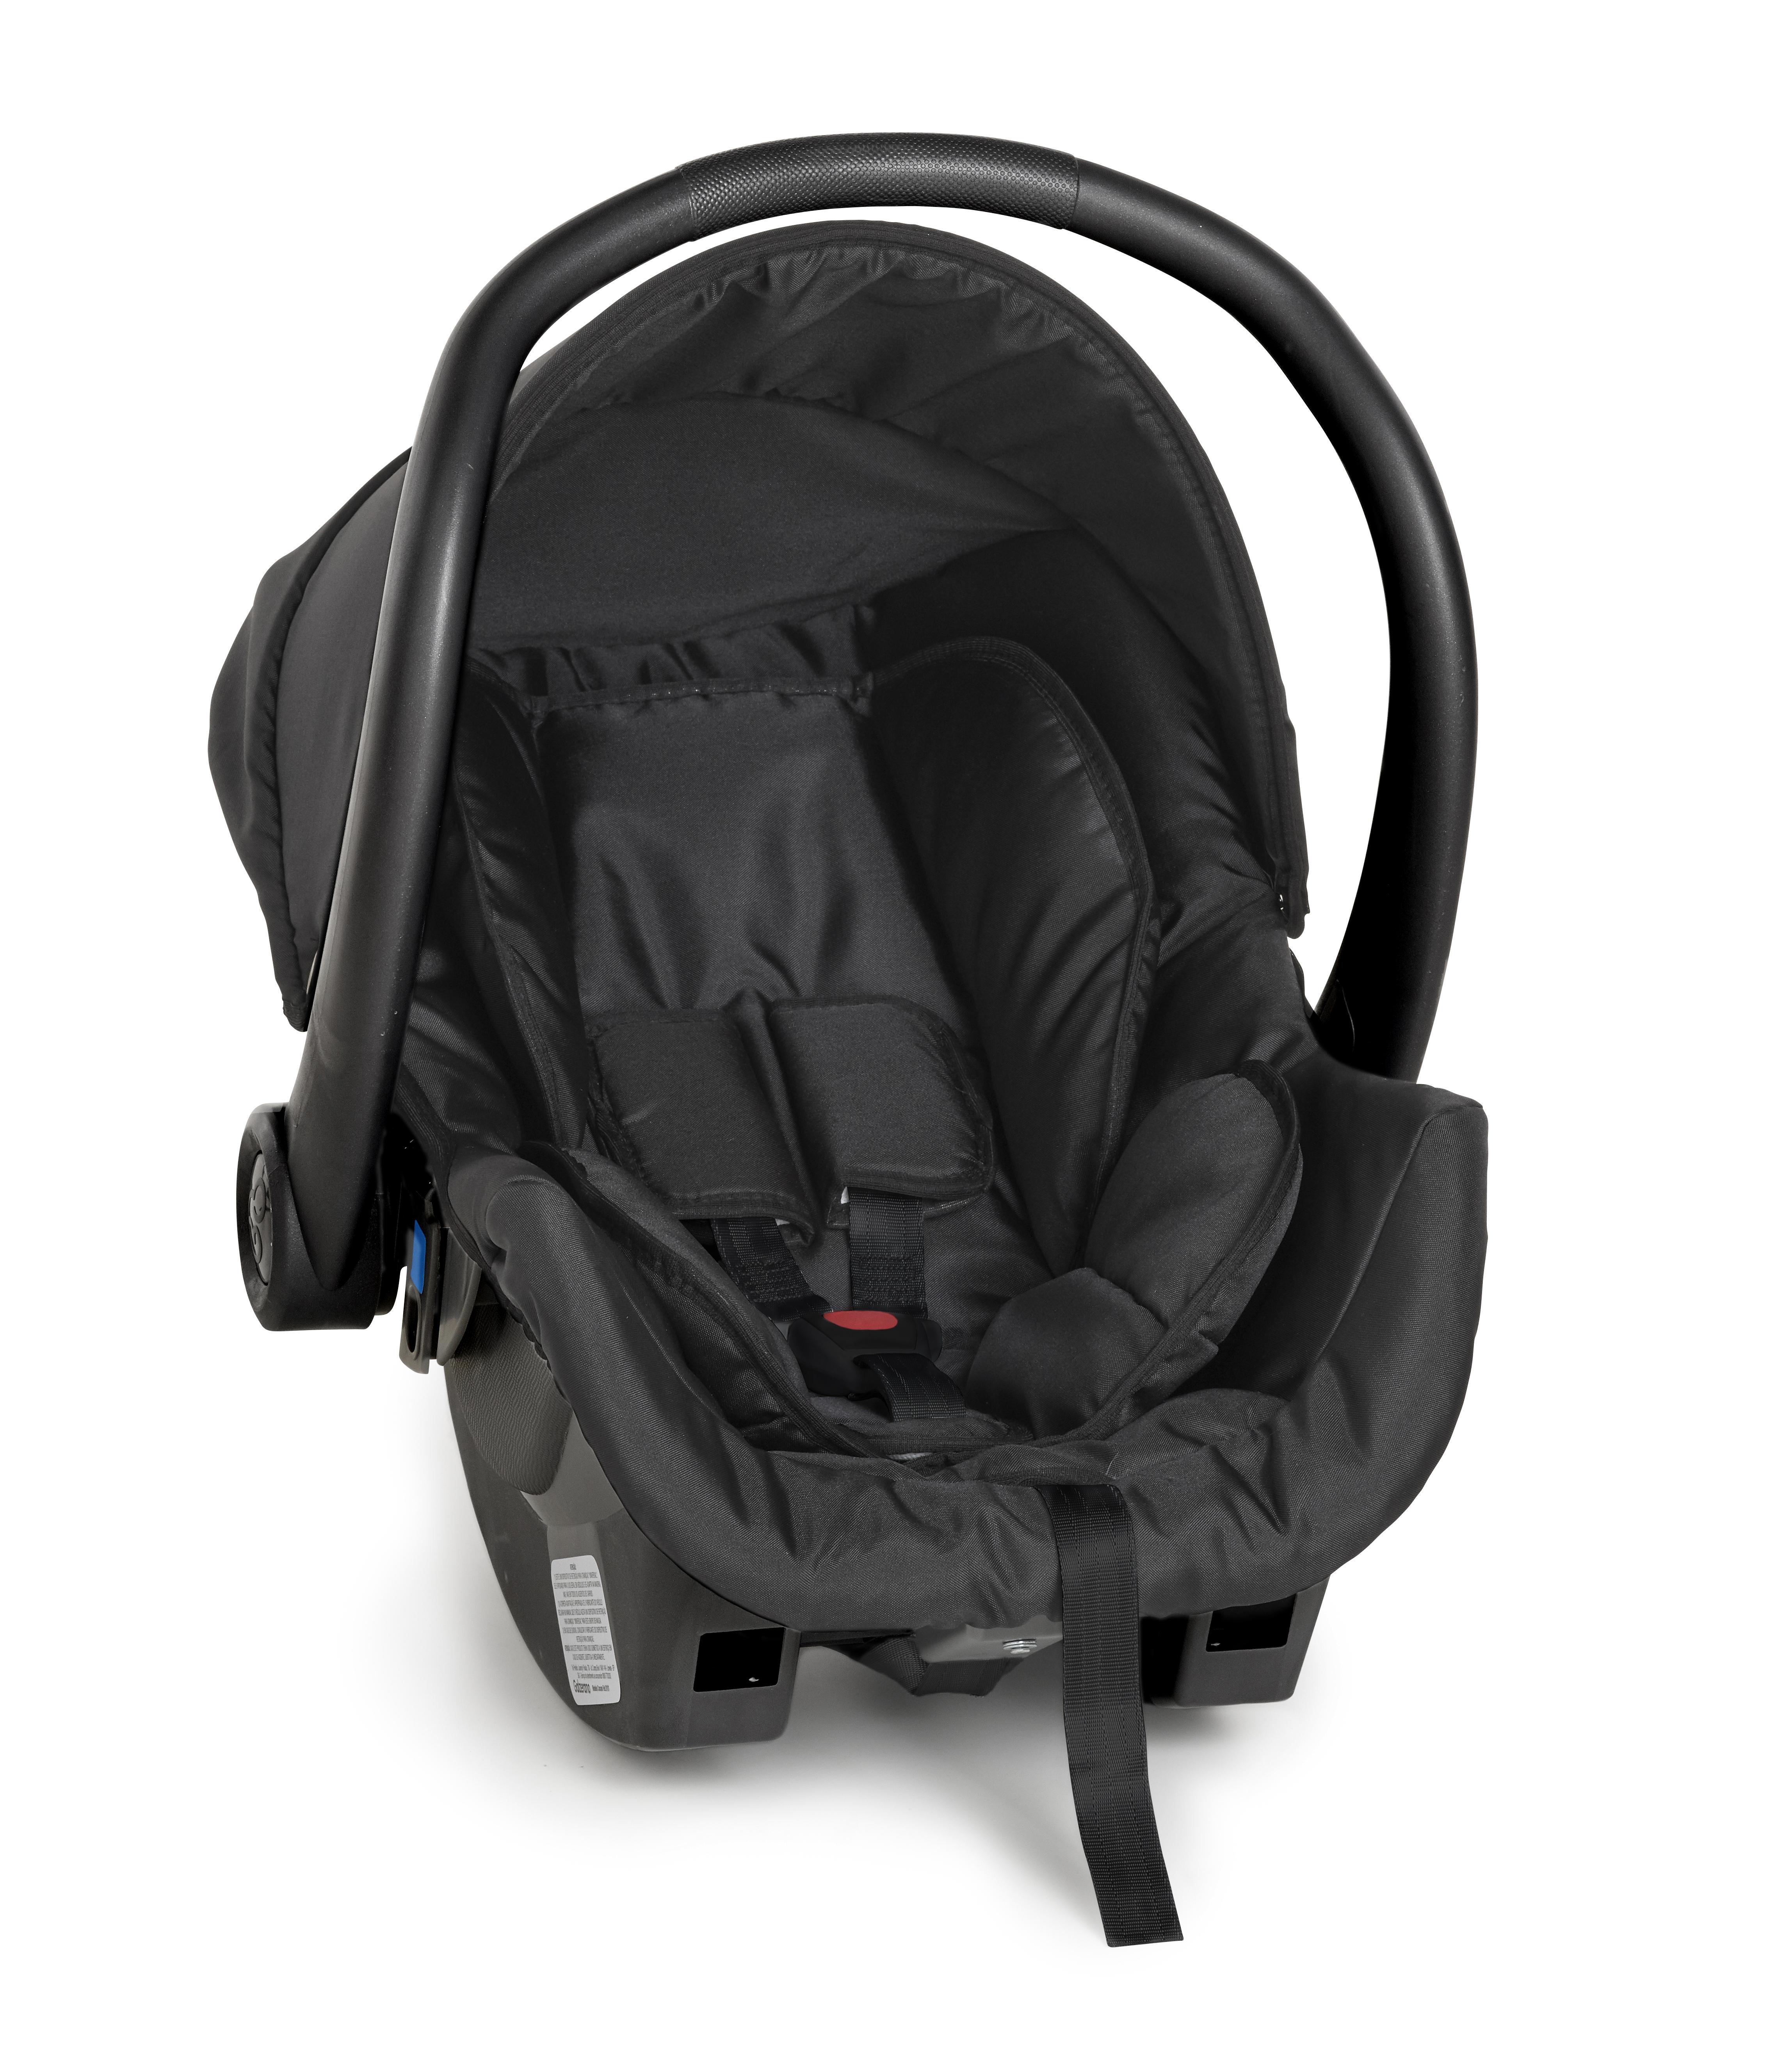 Bebê Conforto - Galzerano - Cocoon - De 0 a 13 Kg - Black